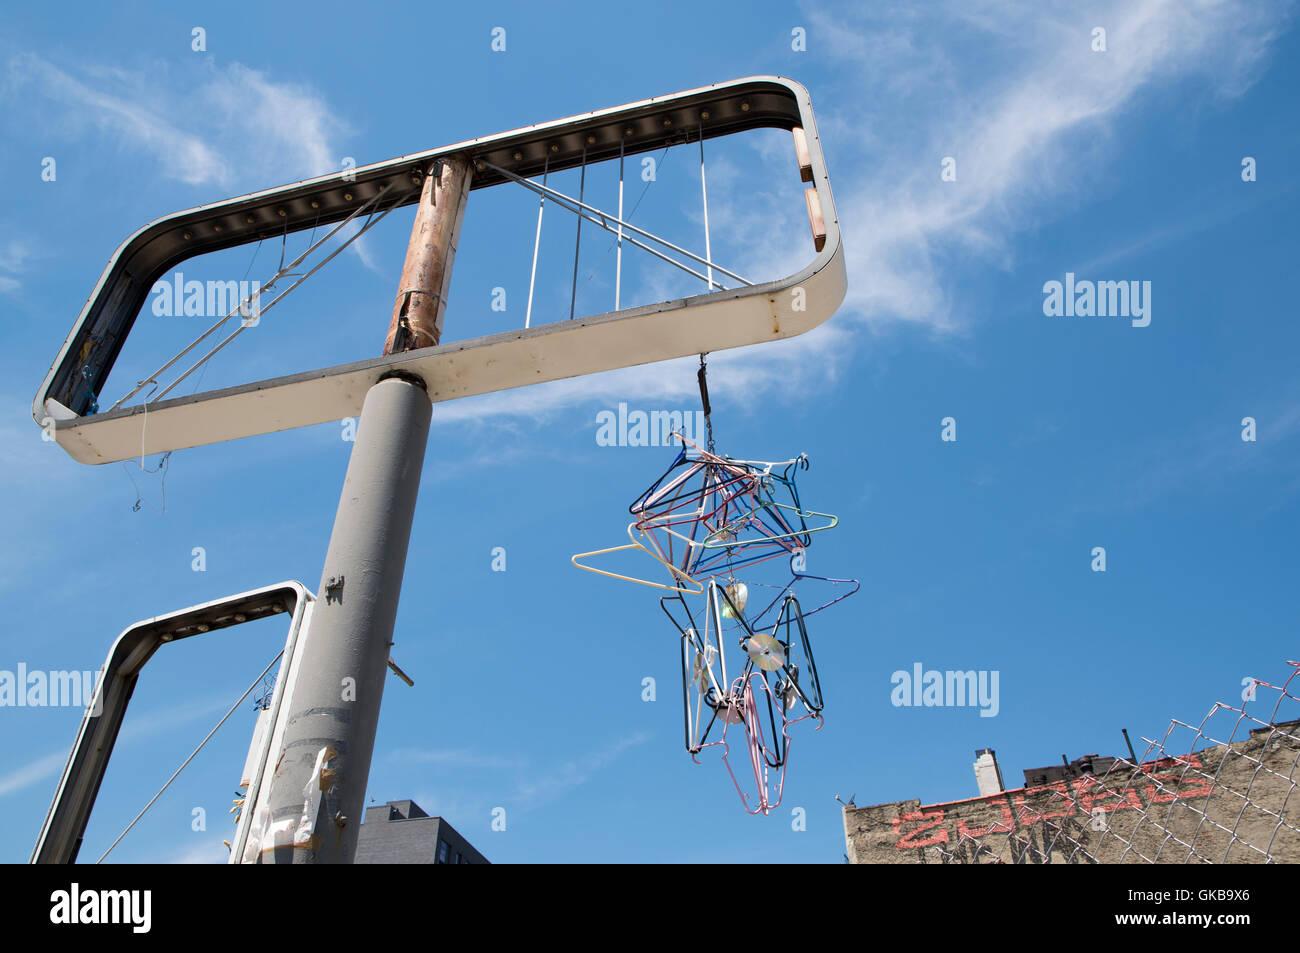 Cadre d'affichage vide avec l'art urbain de la pendaison cintres et les CD suspendus à elle Banque D'Images